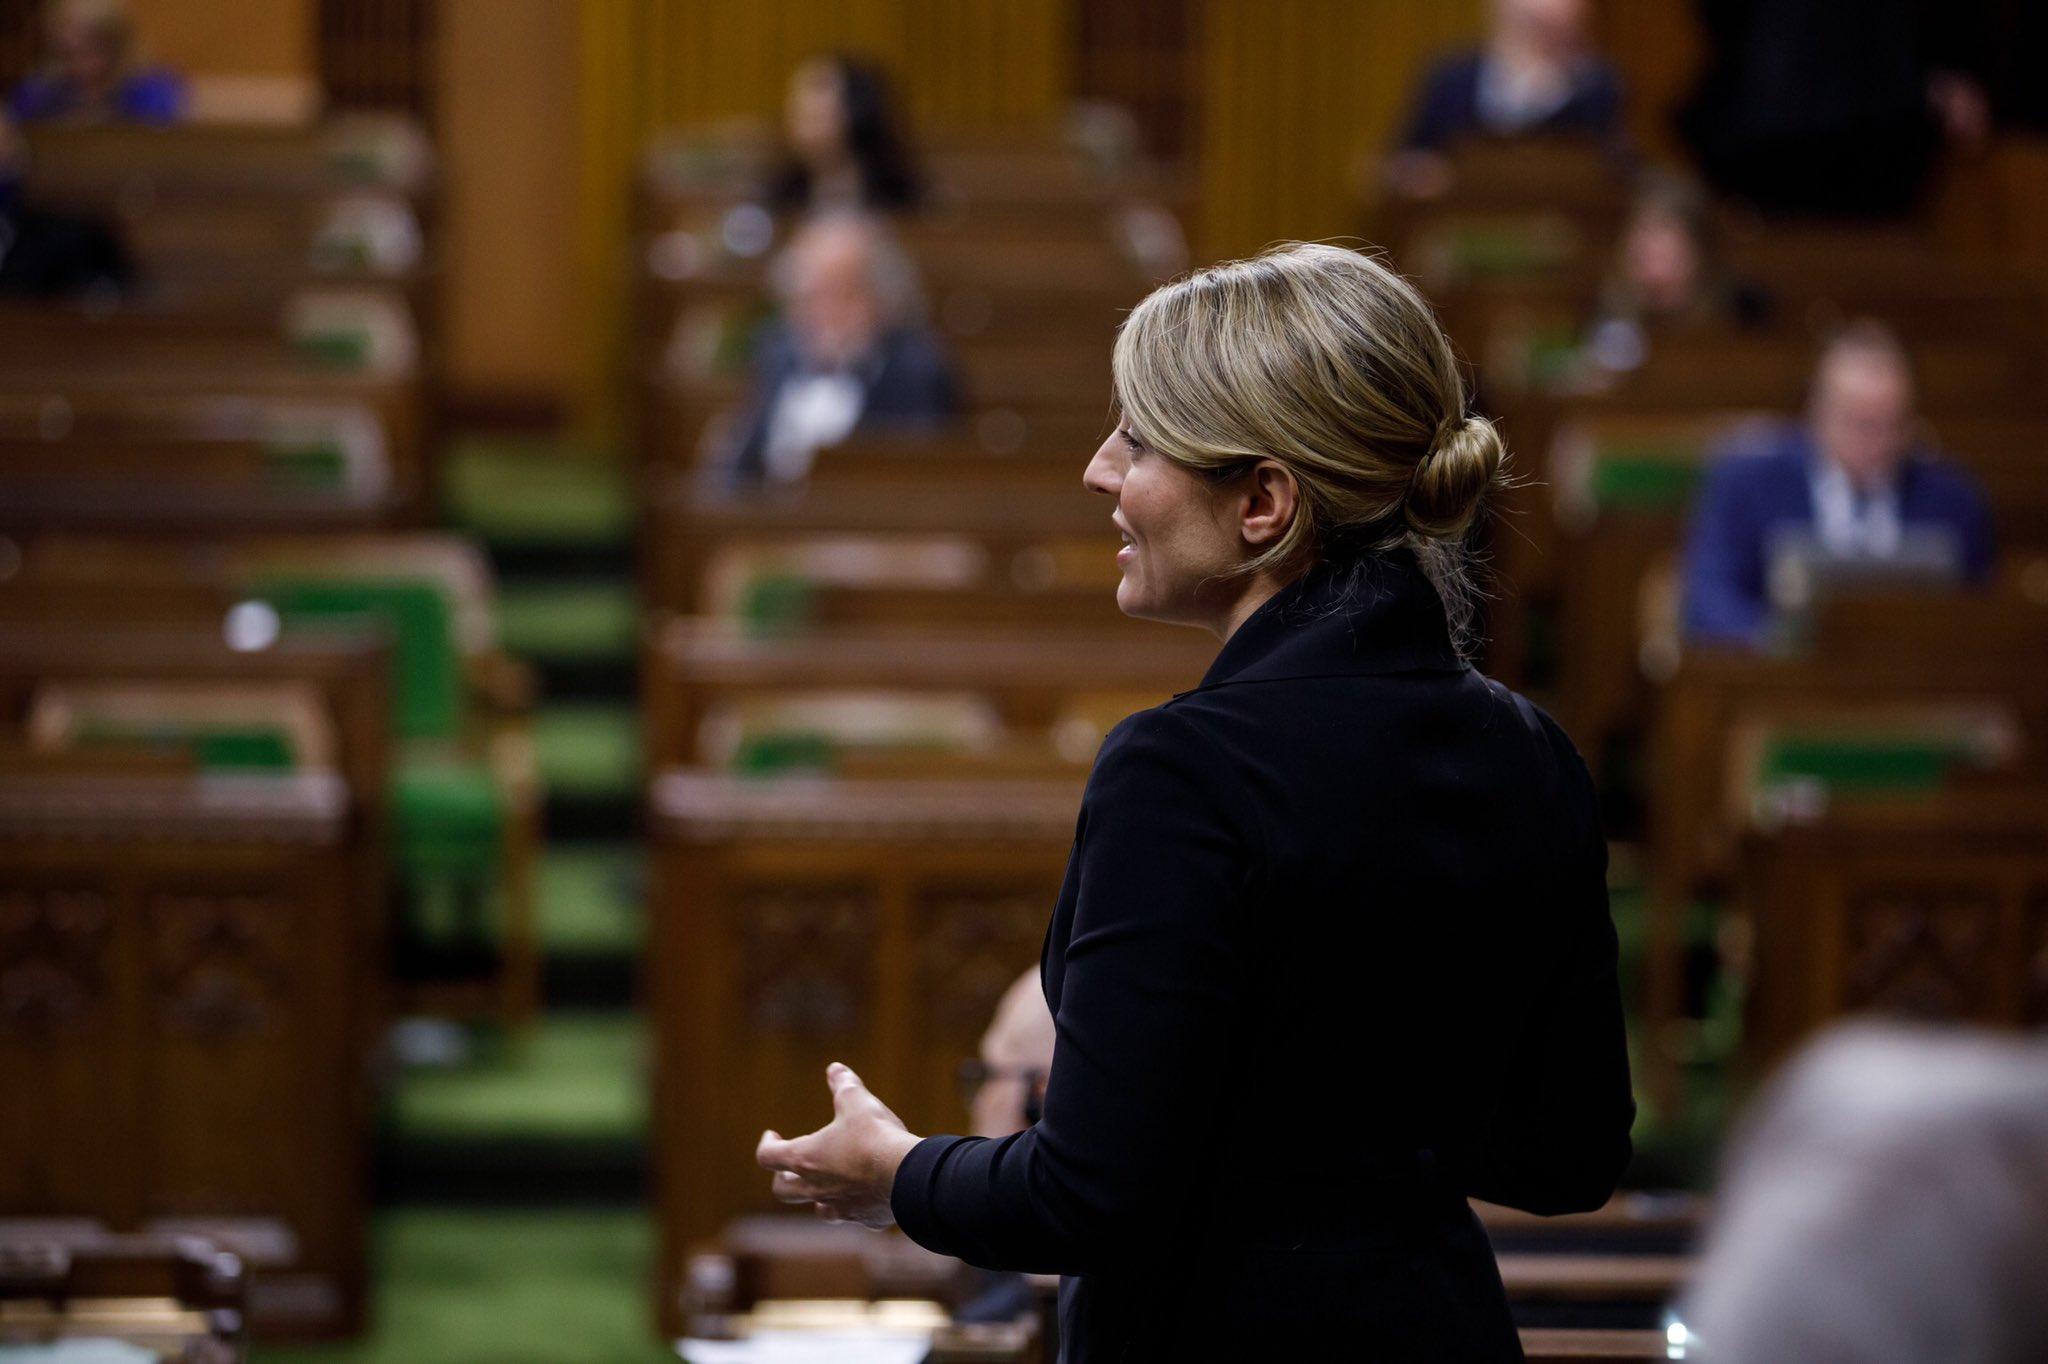 La FCCF salue le projet de réforme de la Loi sur les langues officielles, appelé à renforcer la langue et la culture françaises partout au Canada